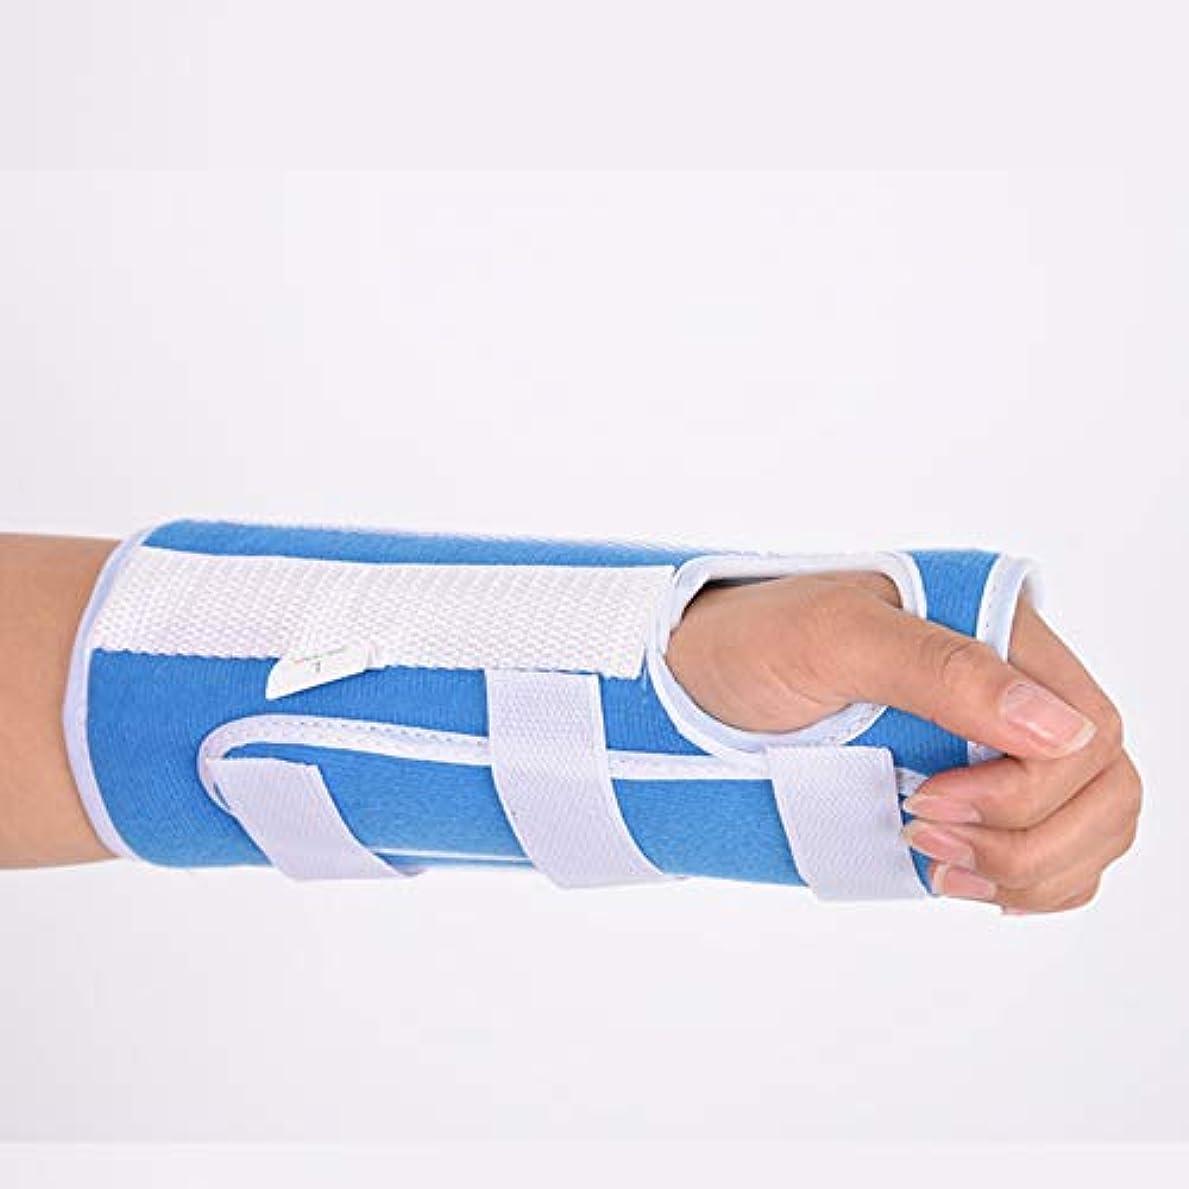 均等に枯渇する流星手根管用手首装具、関節炎および腱炎用の快適で調整可能な手首支持装具、左手と右手の両方に適合,S